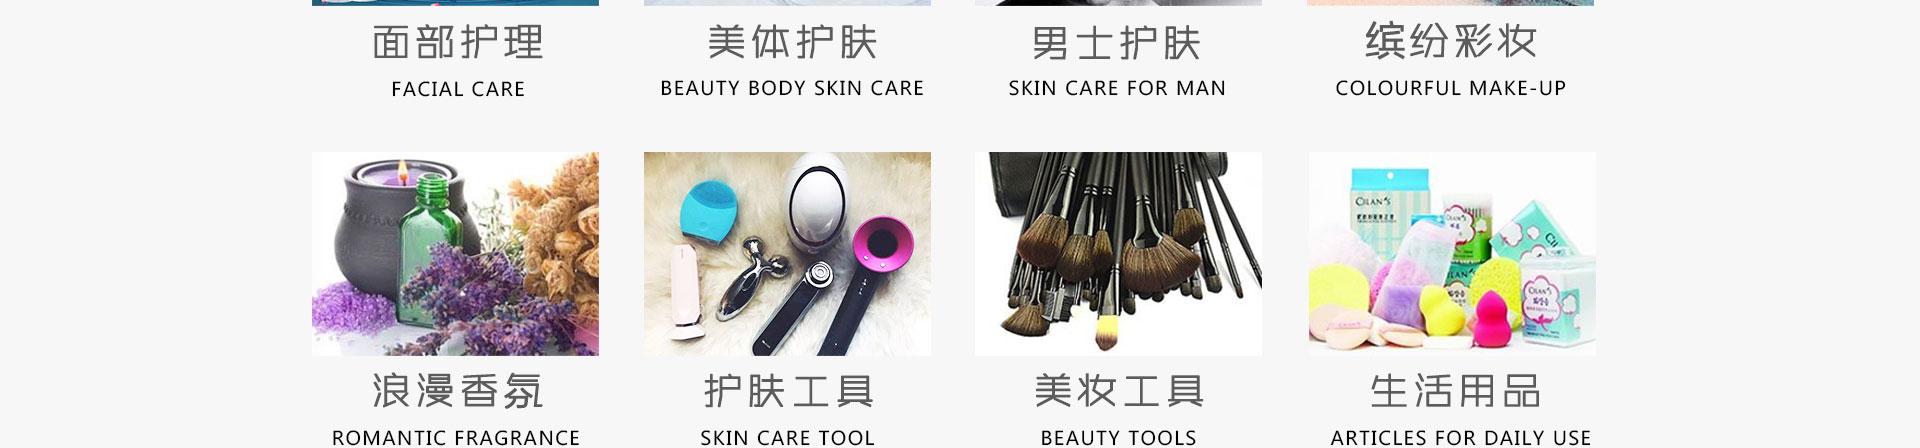 小资生活化妆品加盟